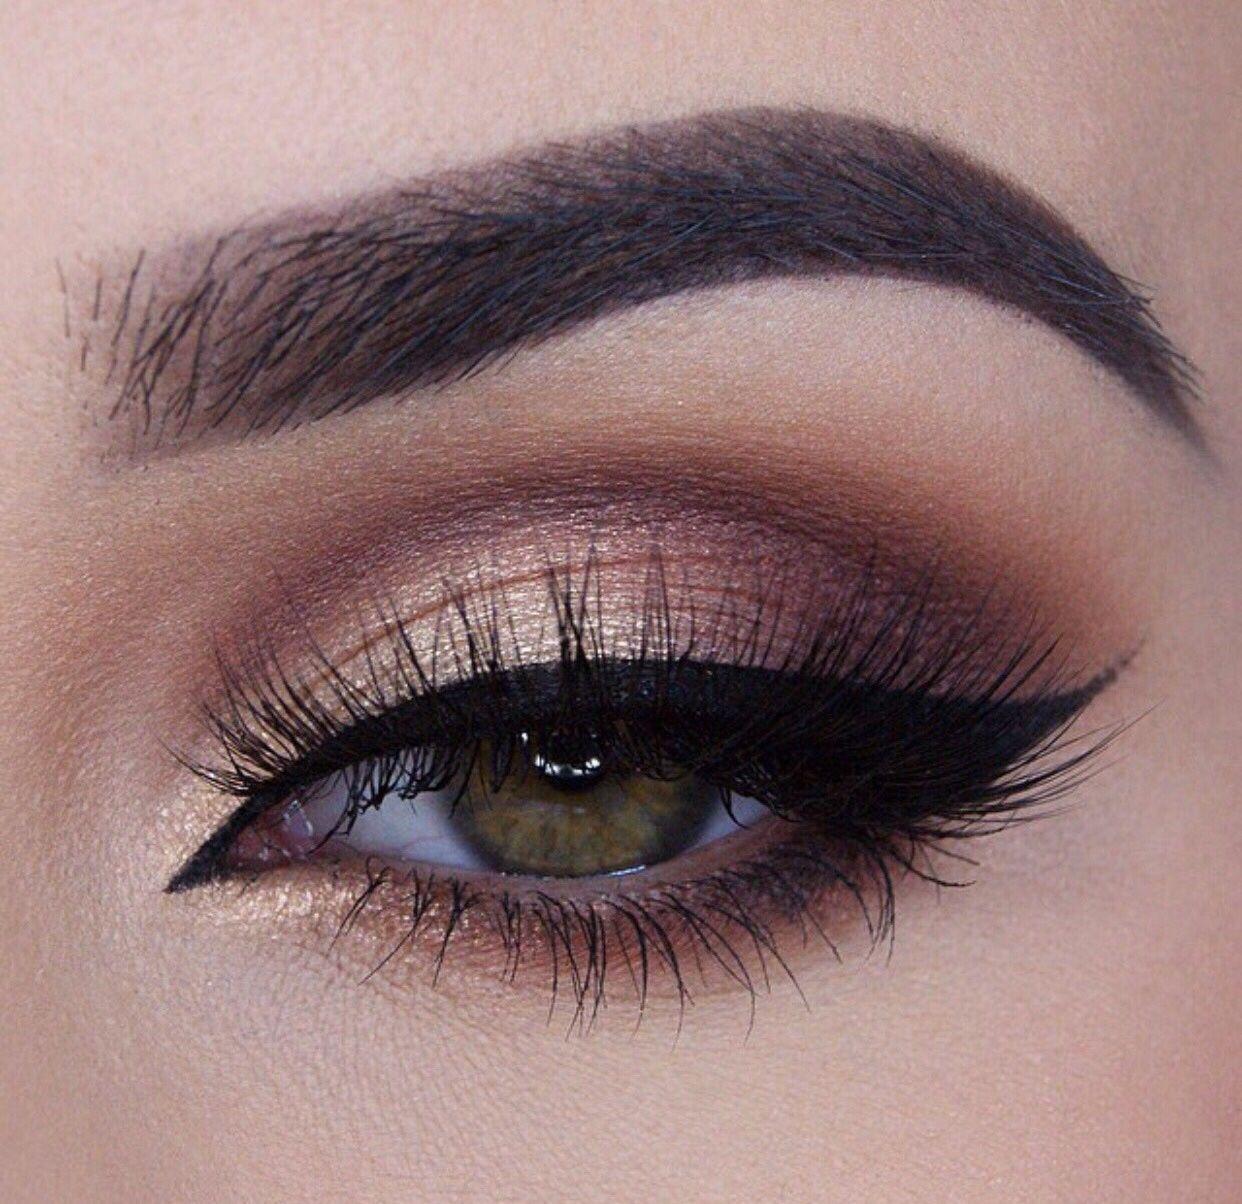 smokey eye looks in 10 gorgeous shades | eye makeup, makeup